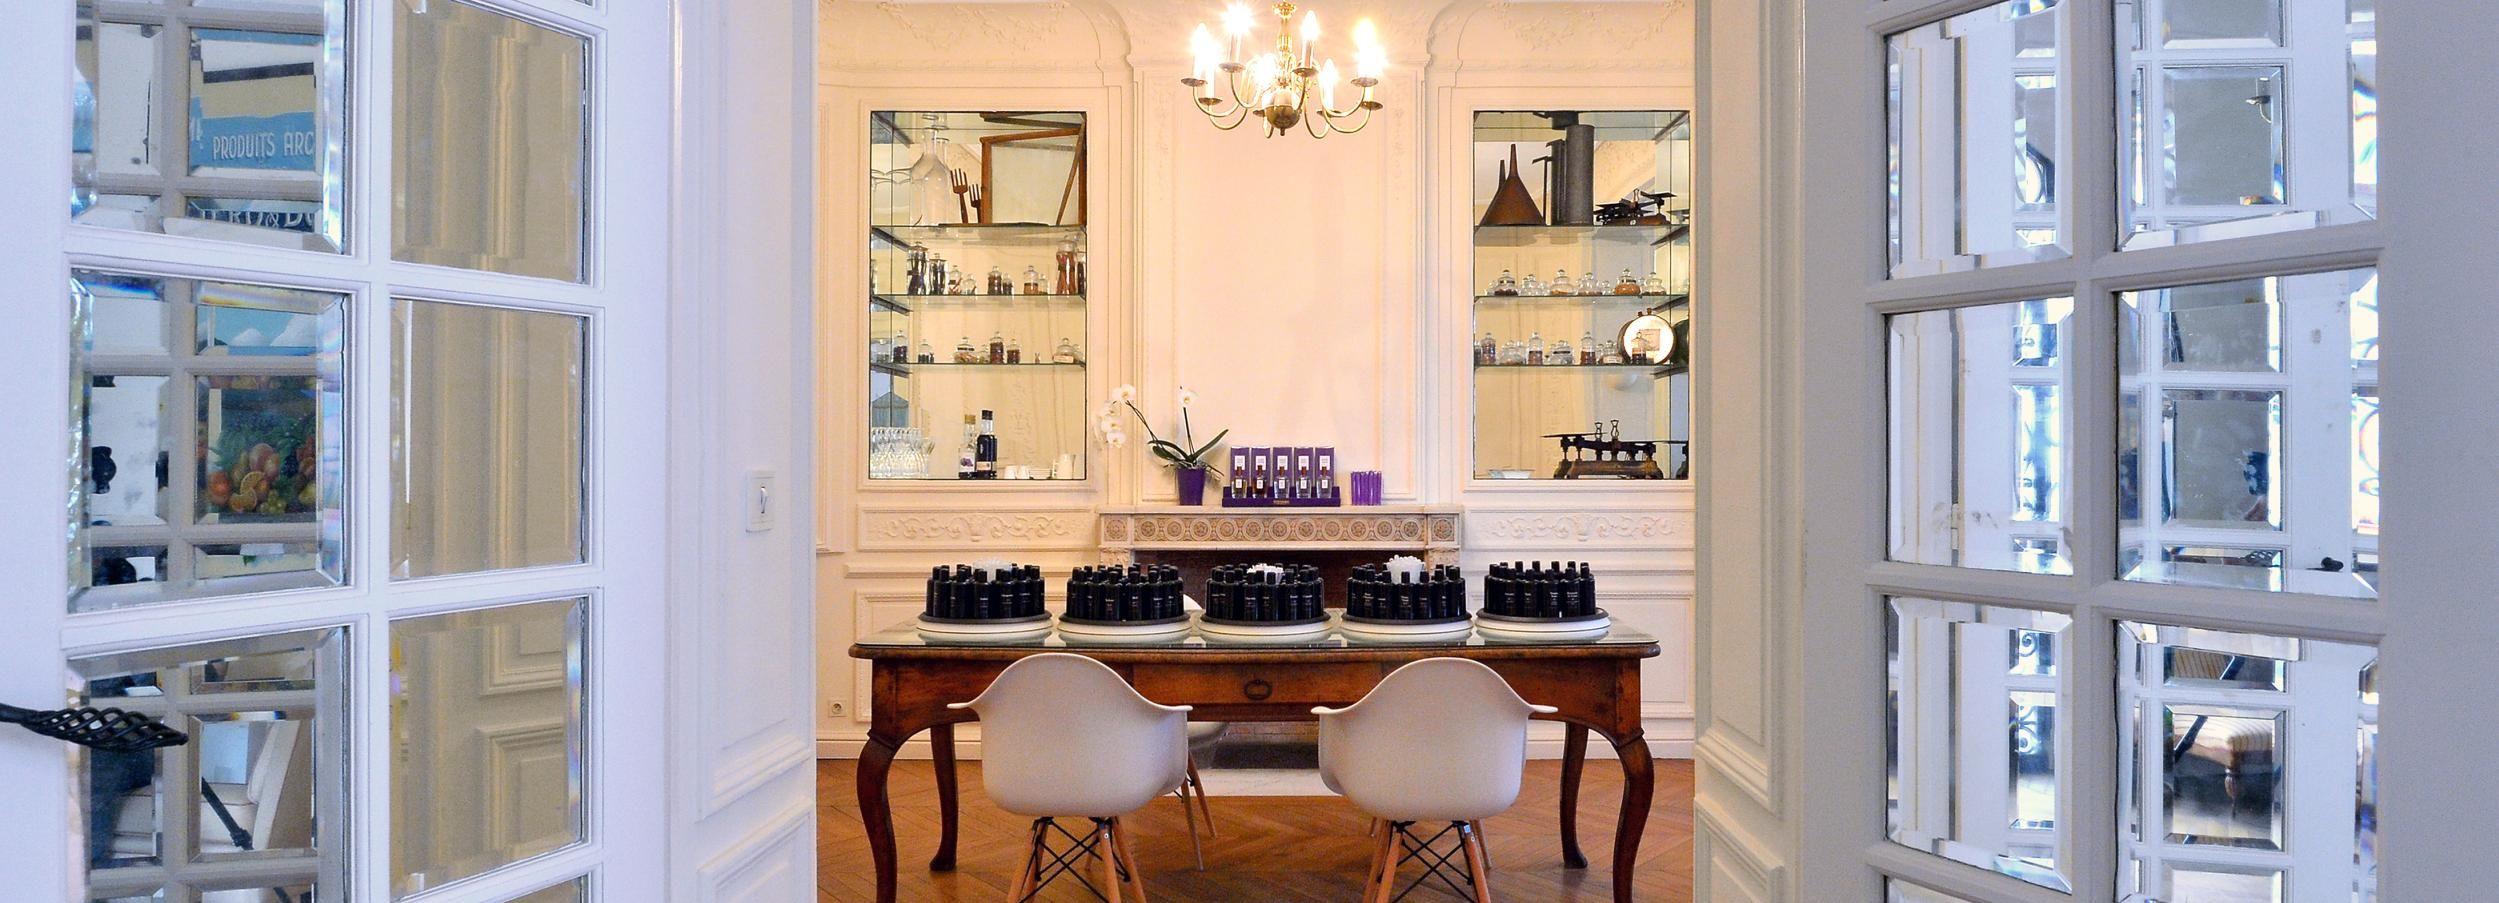 Grasse: Private Perfume Creation